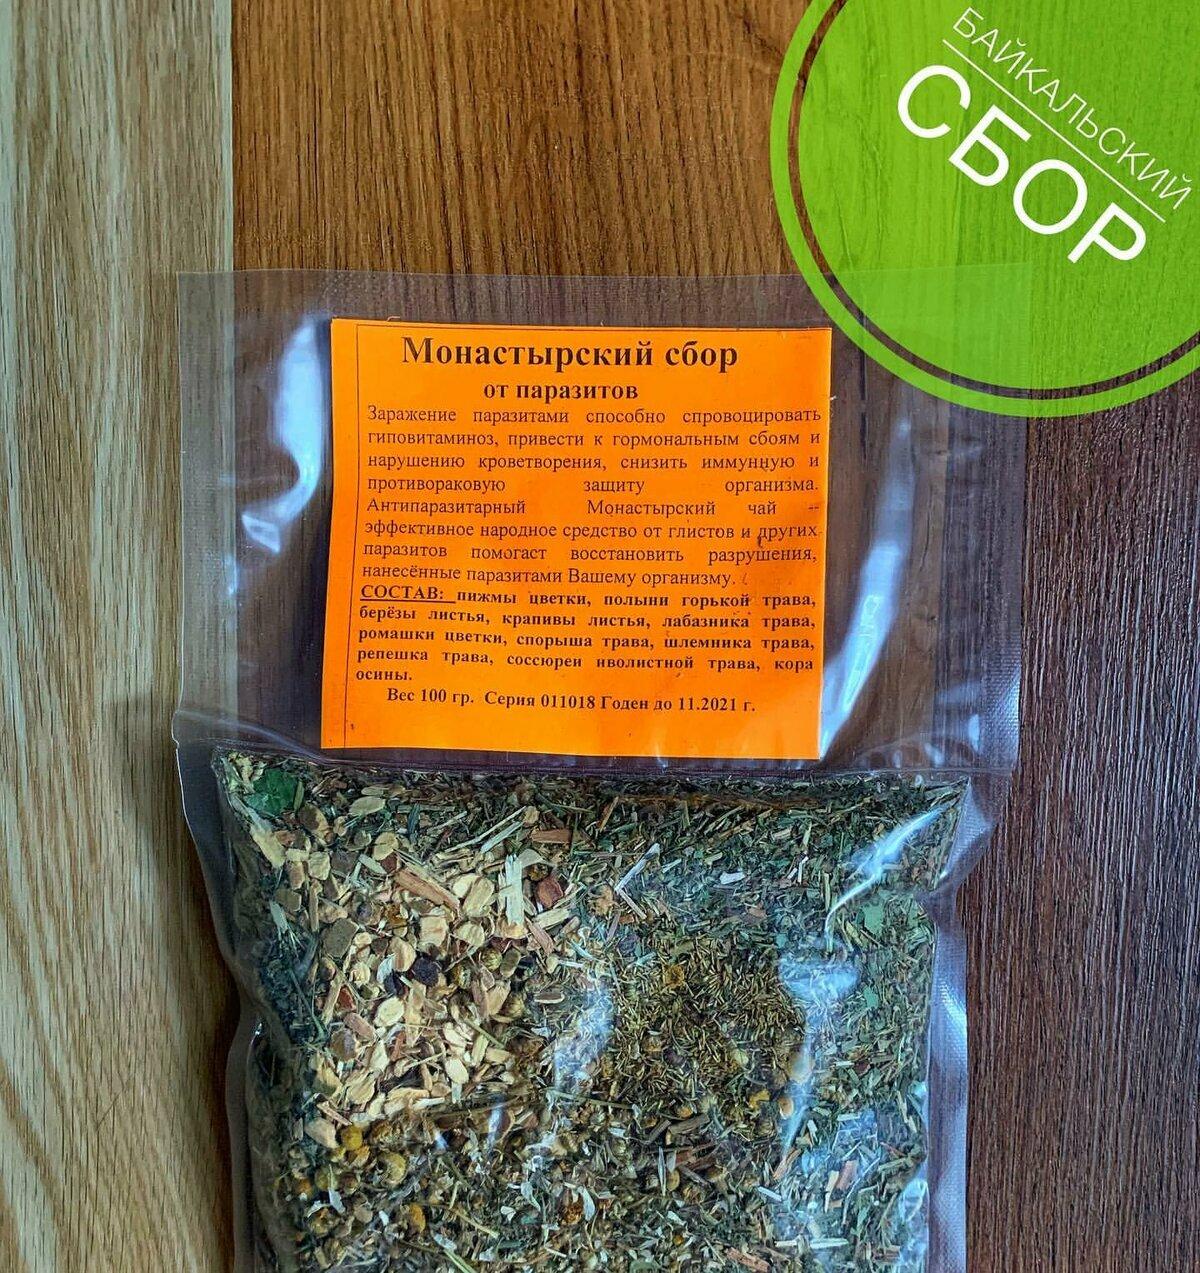 Монастырский чай от паразитов в ВеликомНовгороде